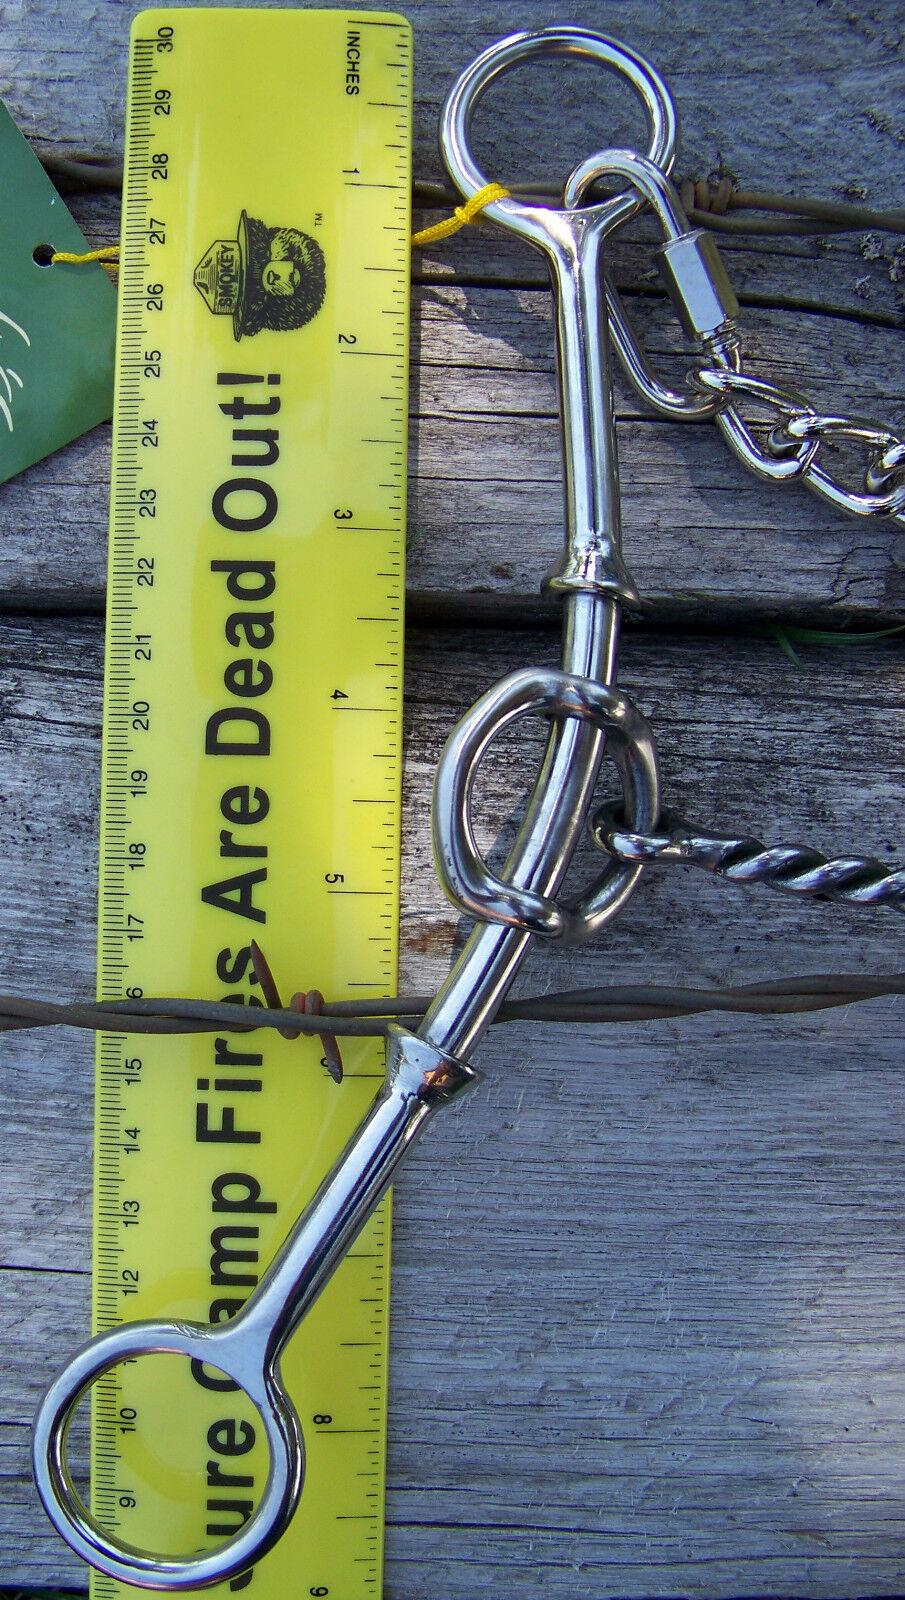 Bit - BRS BRS BRS Twisted Wire Mouth d29de5